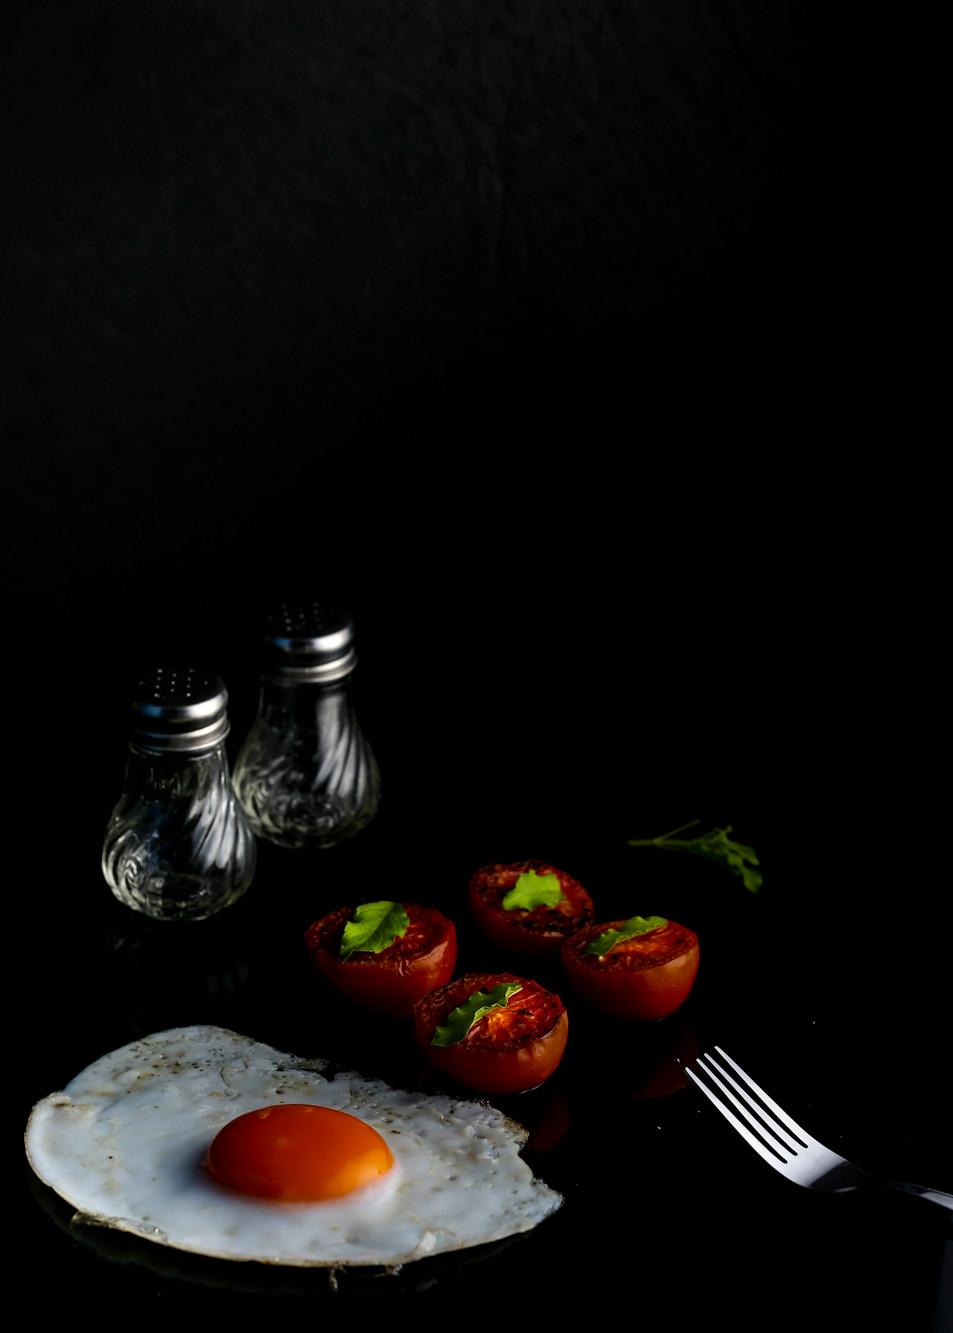 food art concept